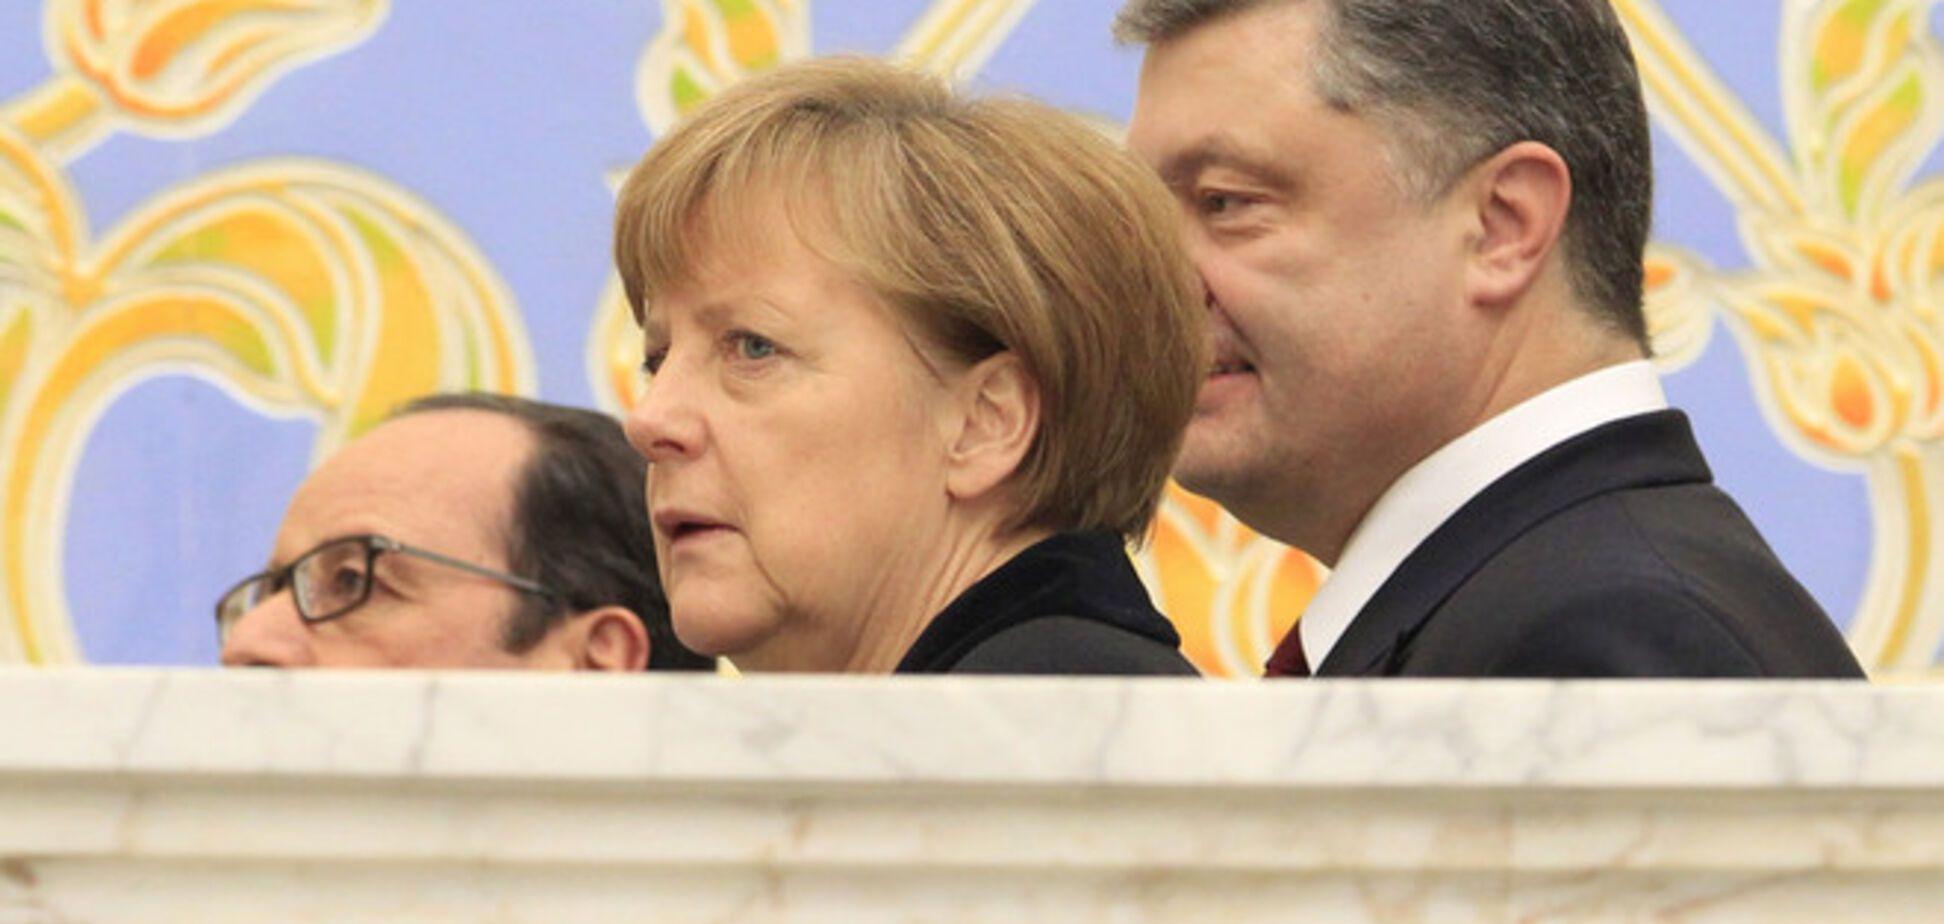 Меркель не надеется на скорый мир в Украине: есть серьезные препятствия